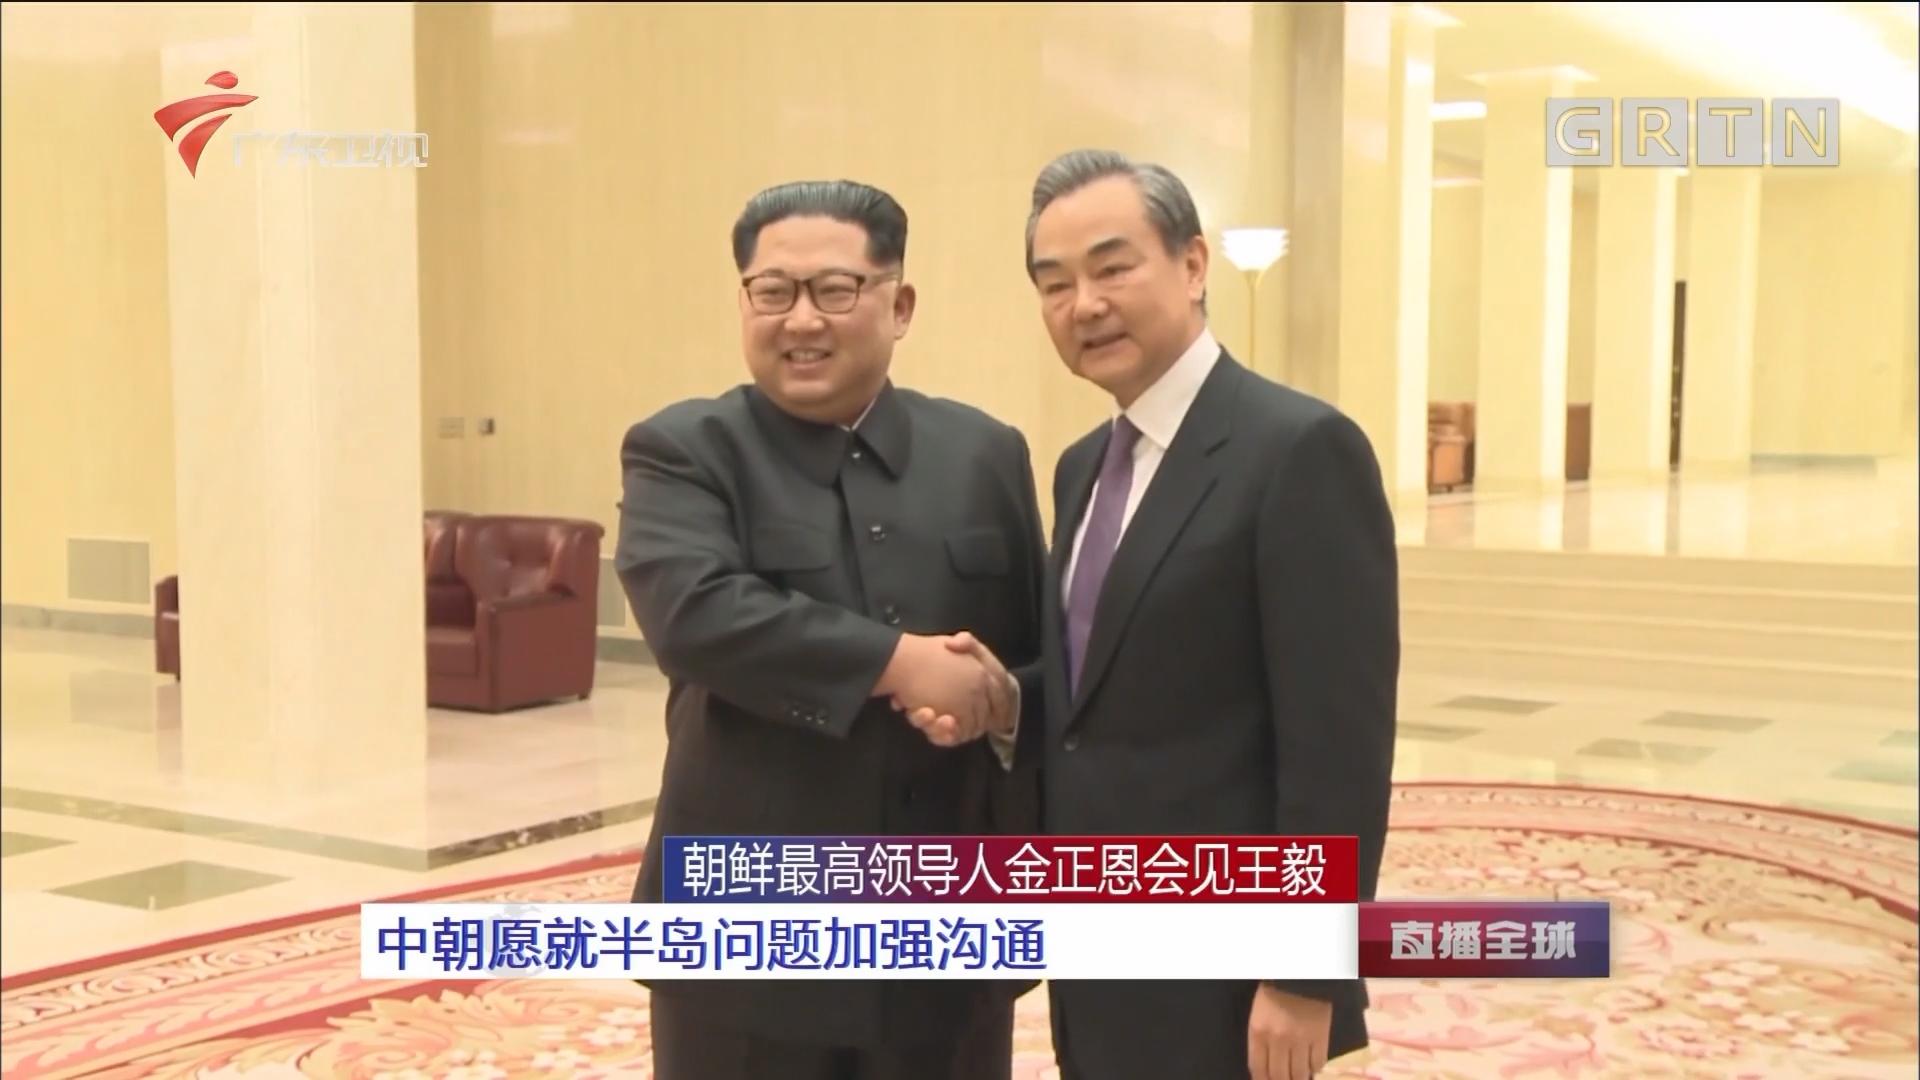 朝鲜最高领导人金正恩会见王毅 中朝愿就半岛问题加强沟通